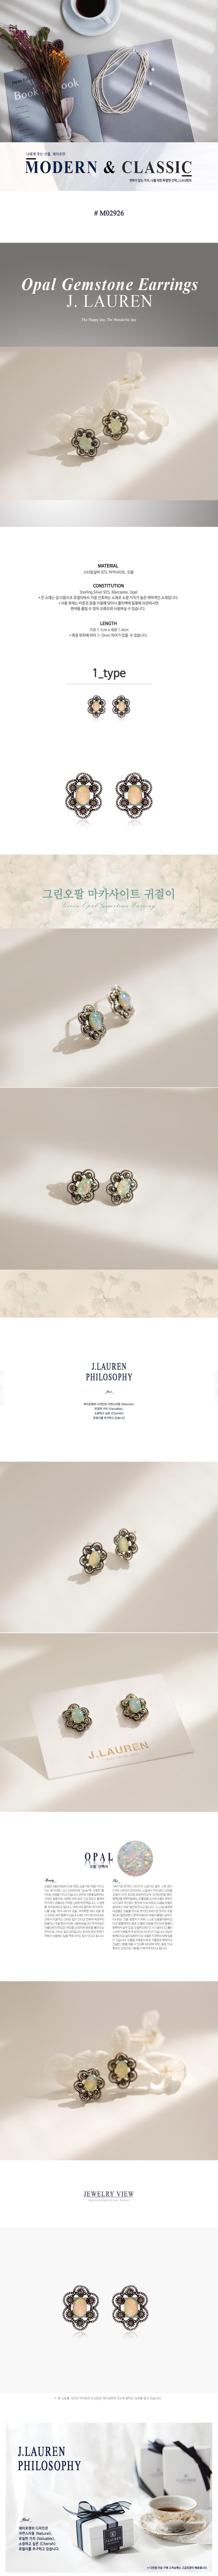 제이로렌 9M02926 그린오팔 마카사이트 실버 귀걸이 - 바이데이지, 68,500원, 진주/원석, 볼귀걸이